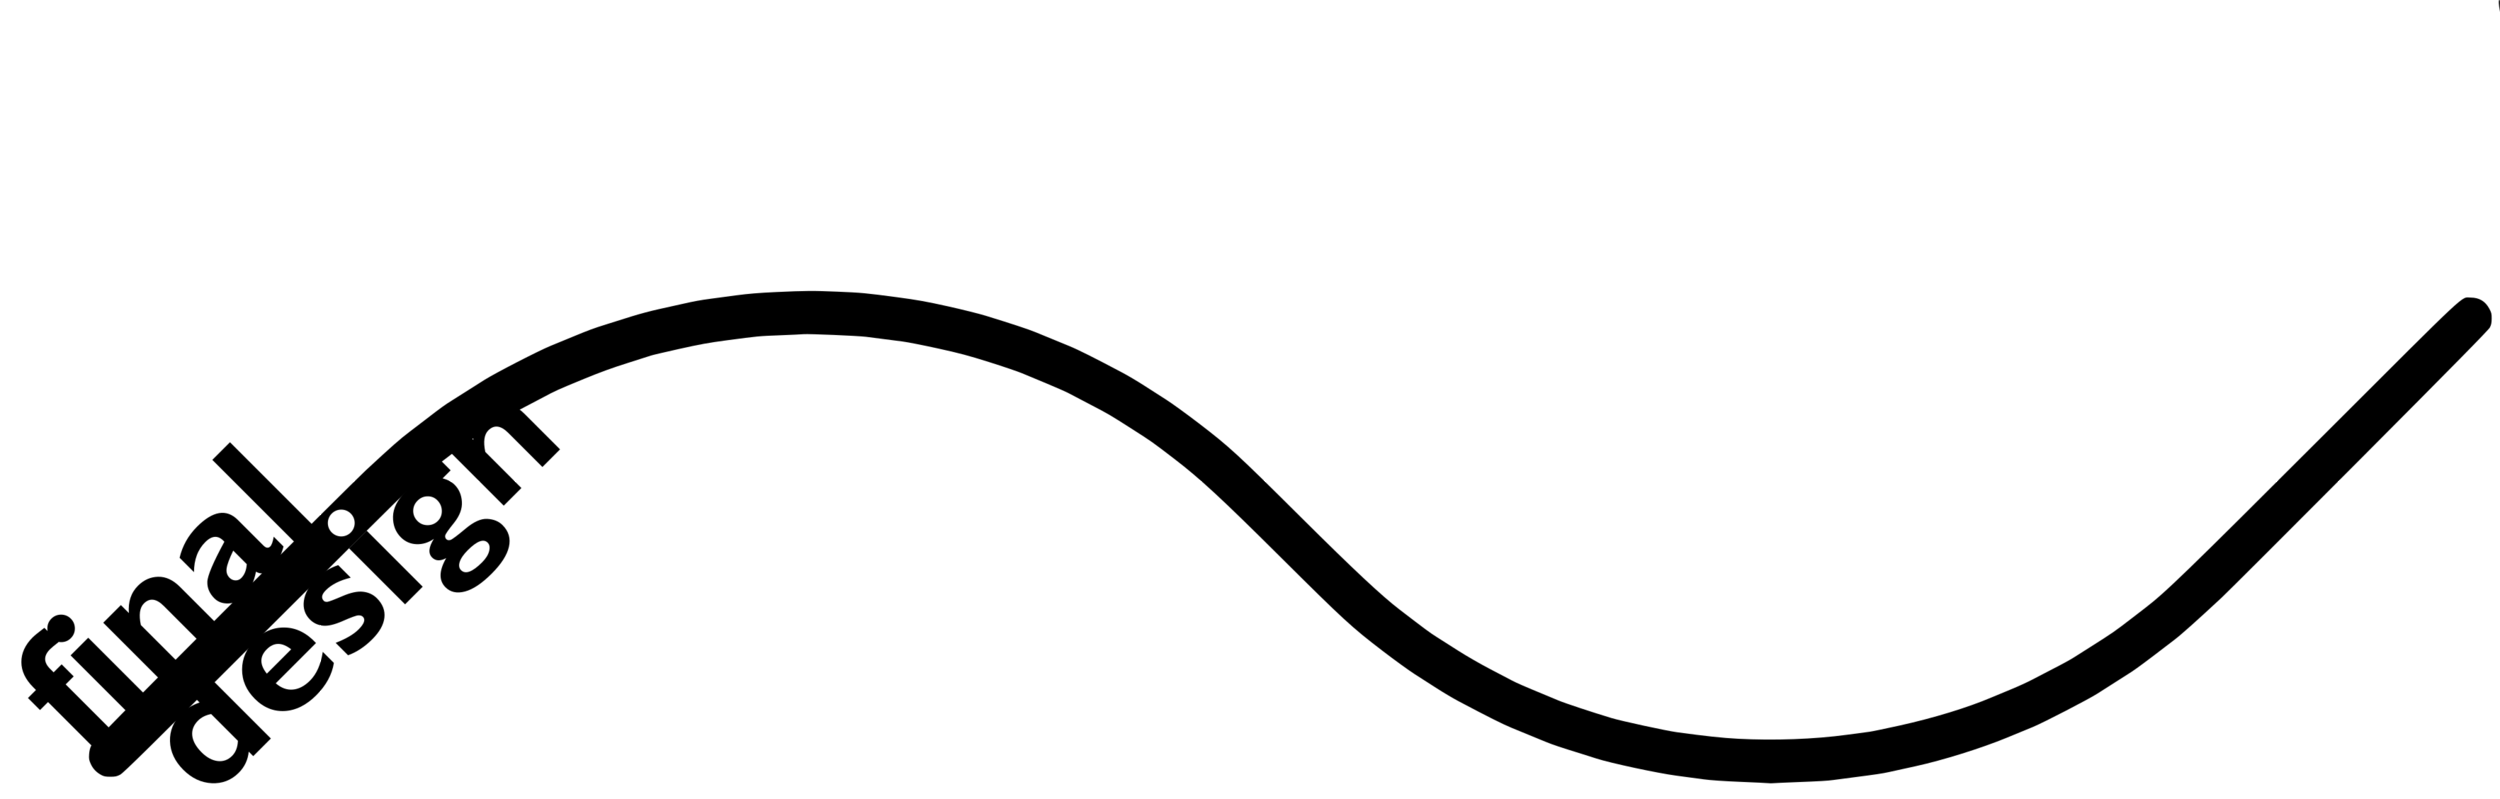 fd wordmark v2